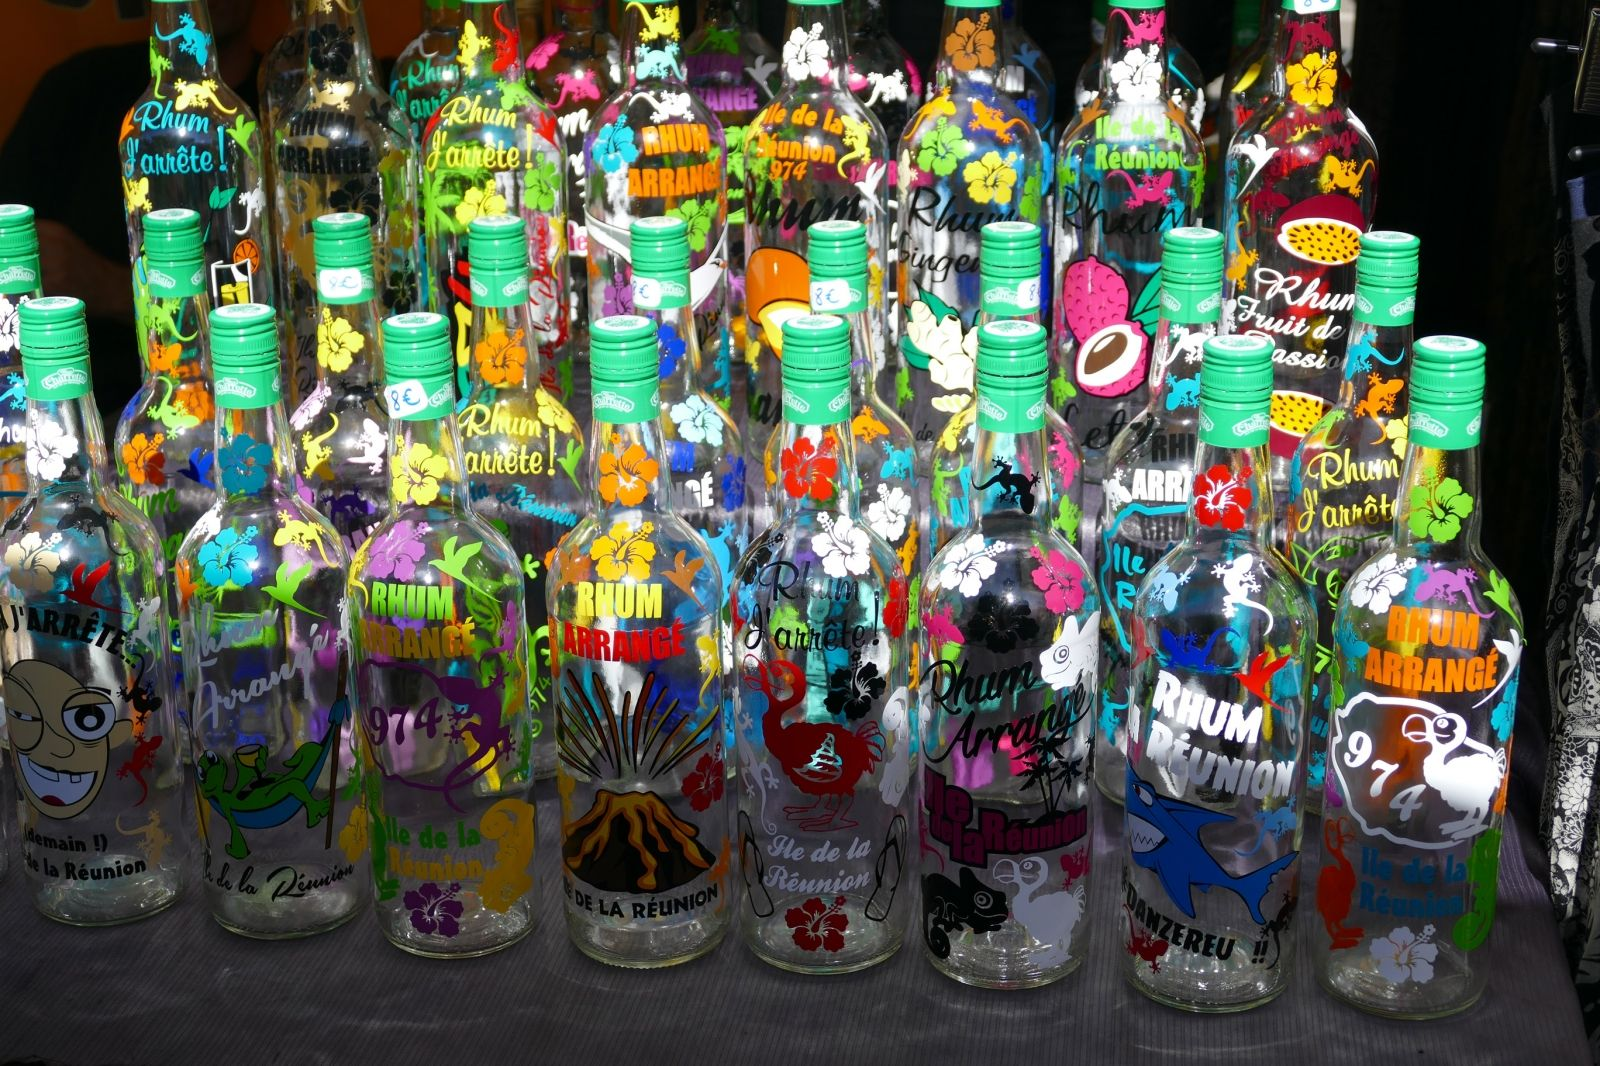 """Parmi toutes ces bouteilles de Rhum, vous trouverez bien celle qui vous correspond ;) - Carnet de voyage """"Vacances à la Réunion"""""""